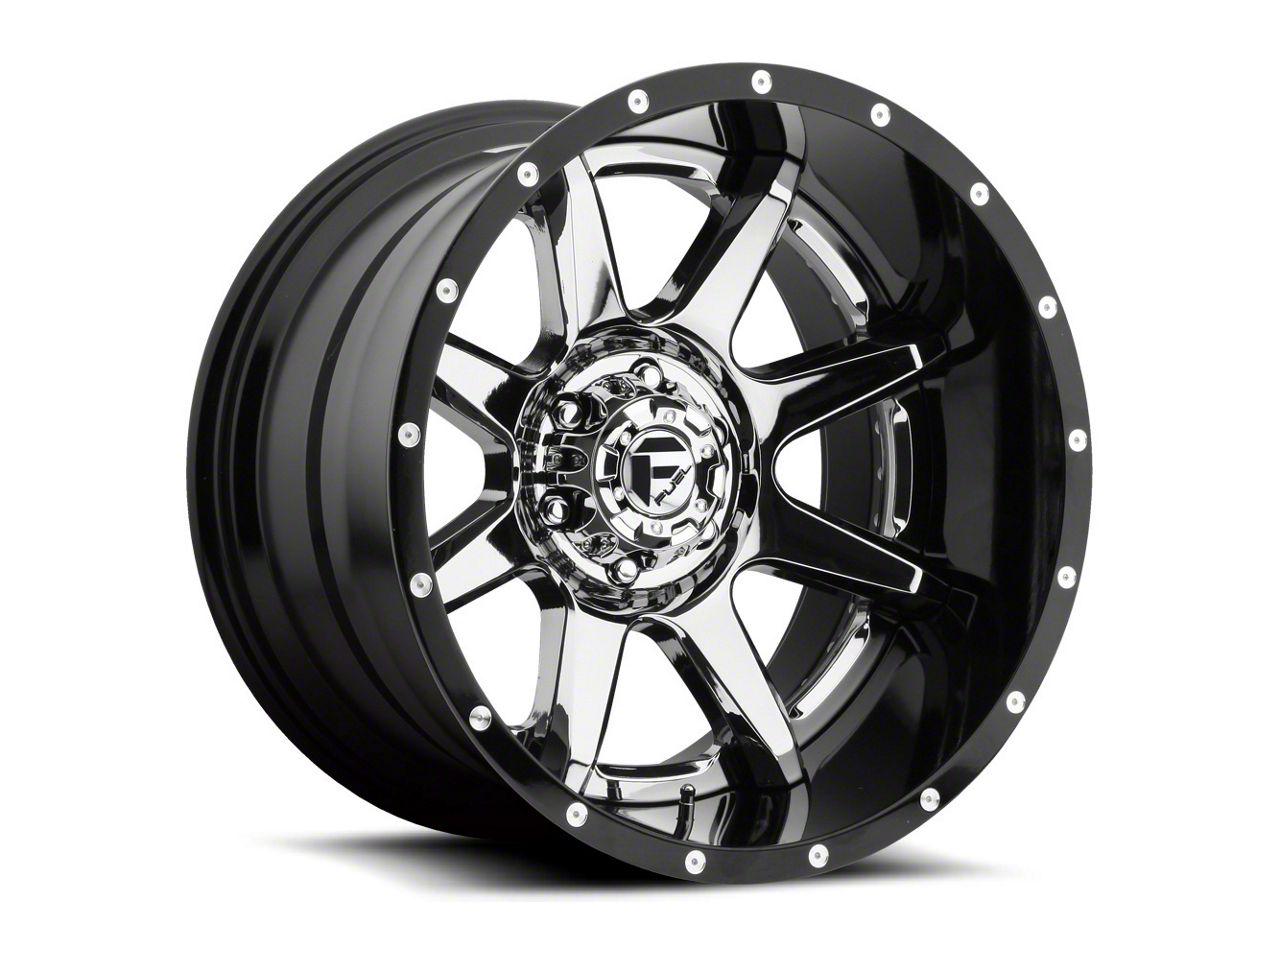 Fuel Wheels Rampage Chrome 6-Lug Wheel - 22x12 (07-18 Sierra 1500)